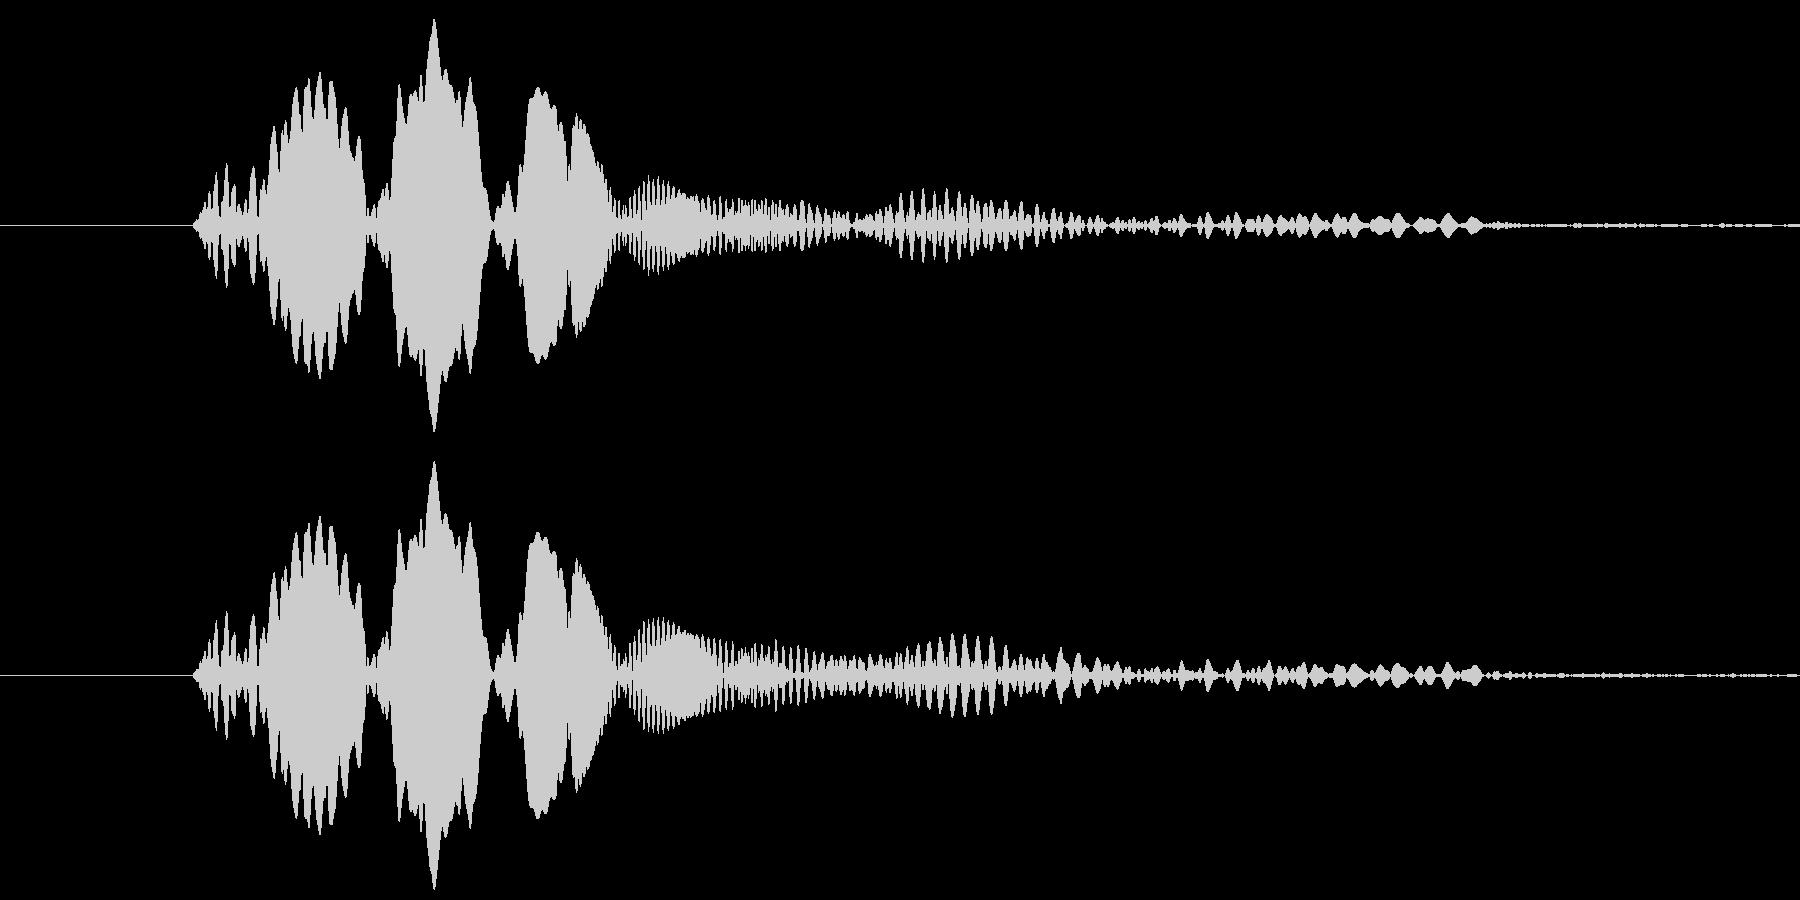 ピュン!というレトロゲーム風の発射音ですの未再生の波形